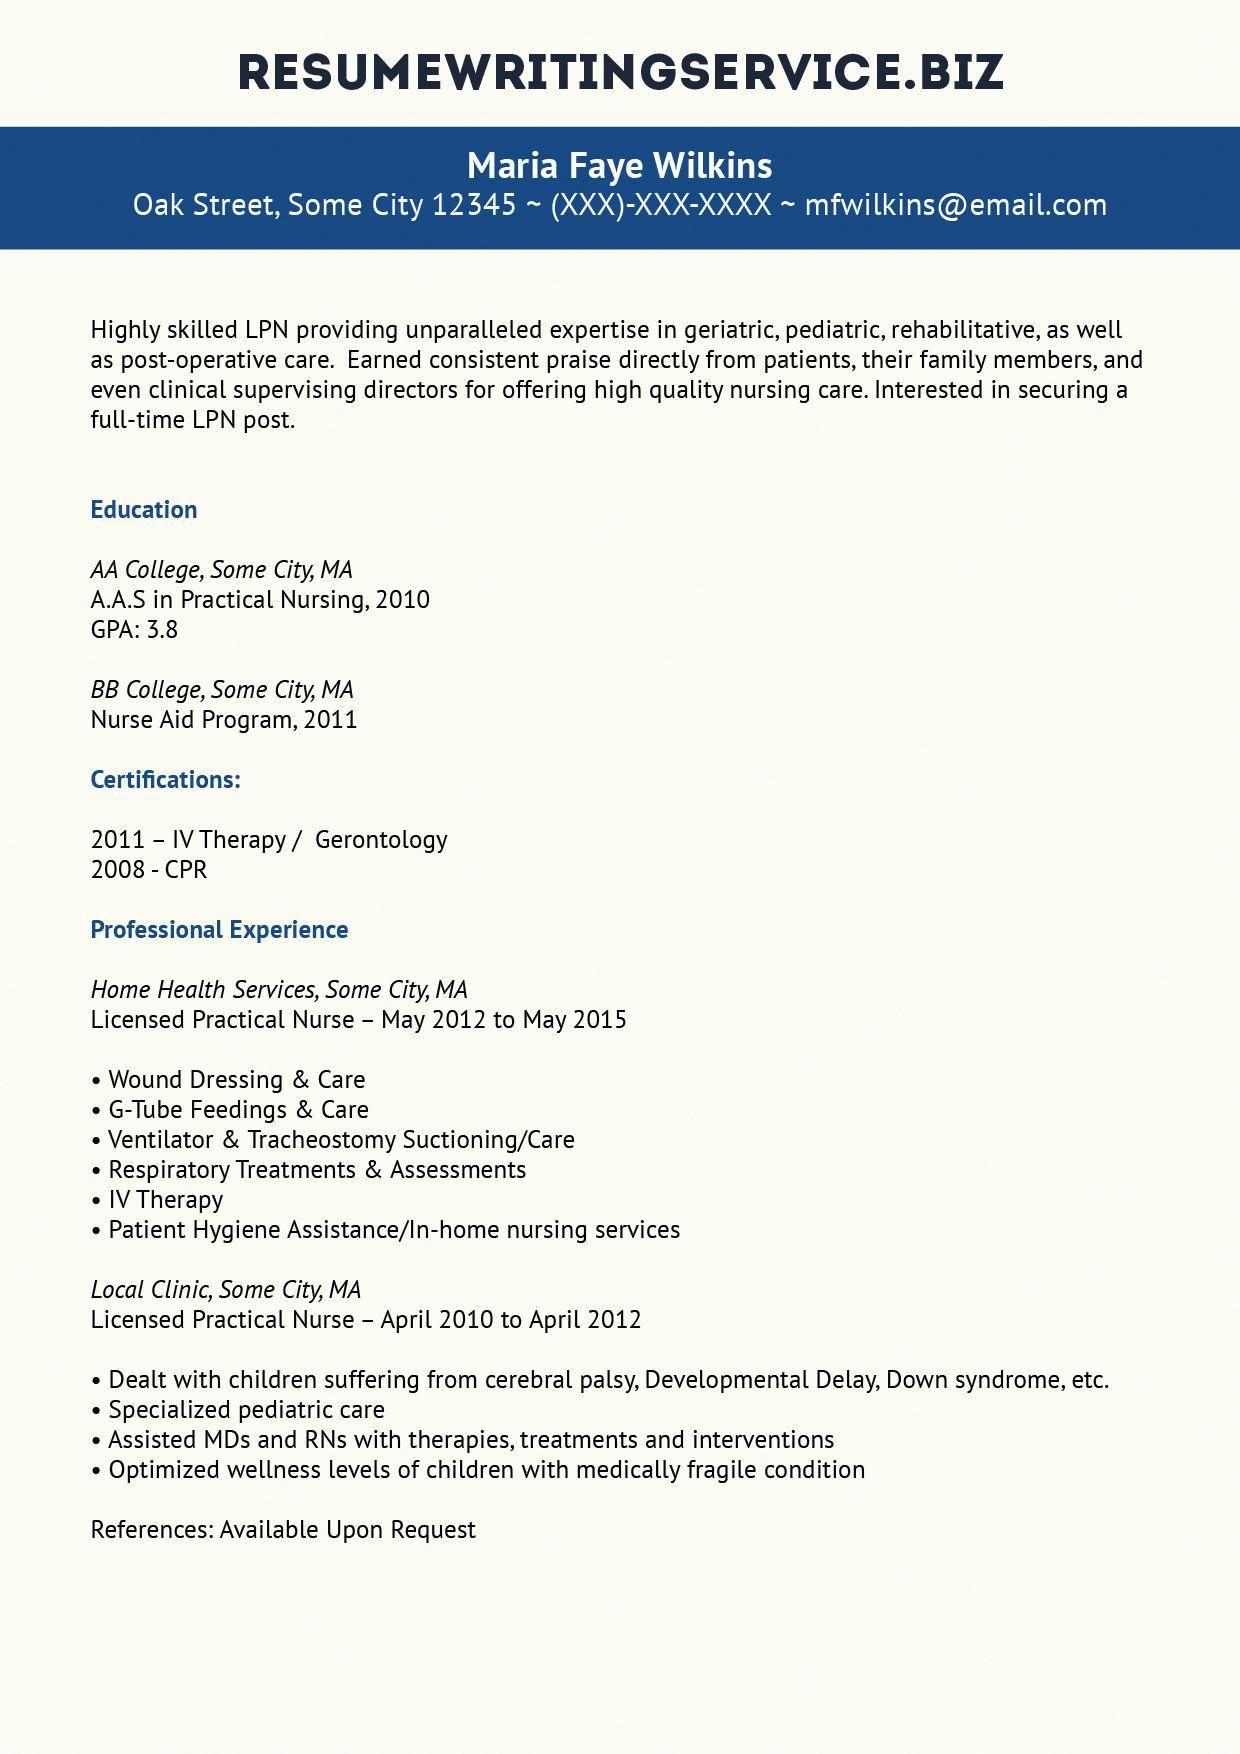 lpn job description whatisalpn Difference Between an RN